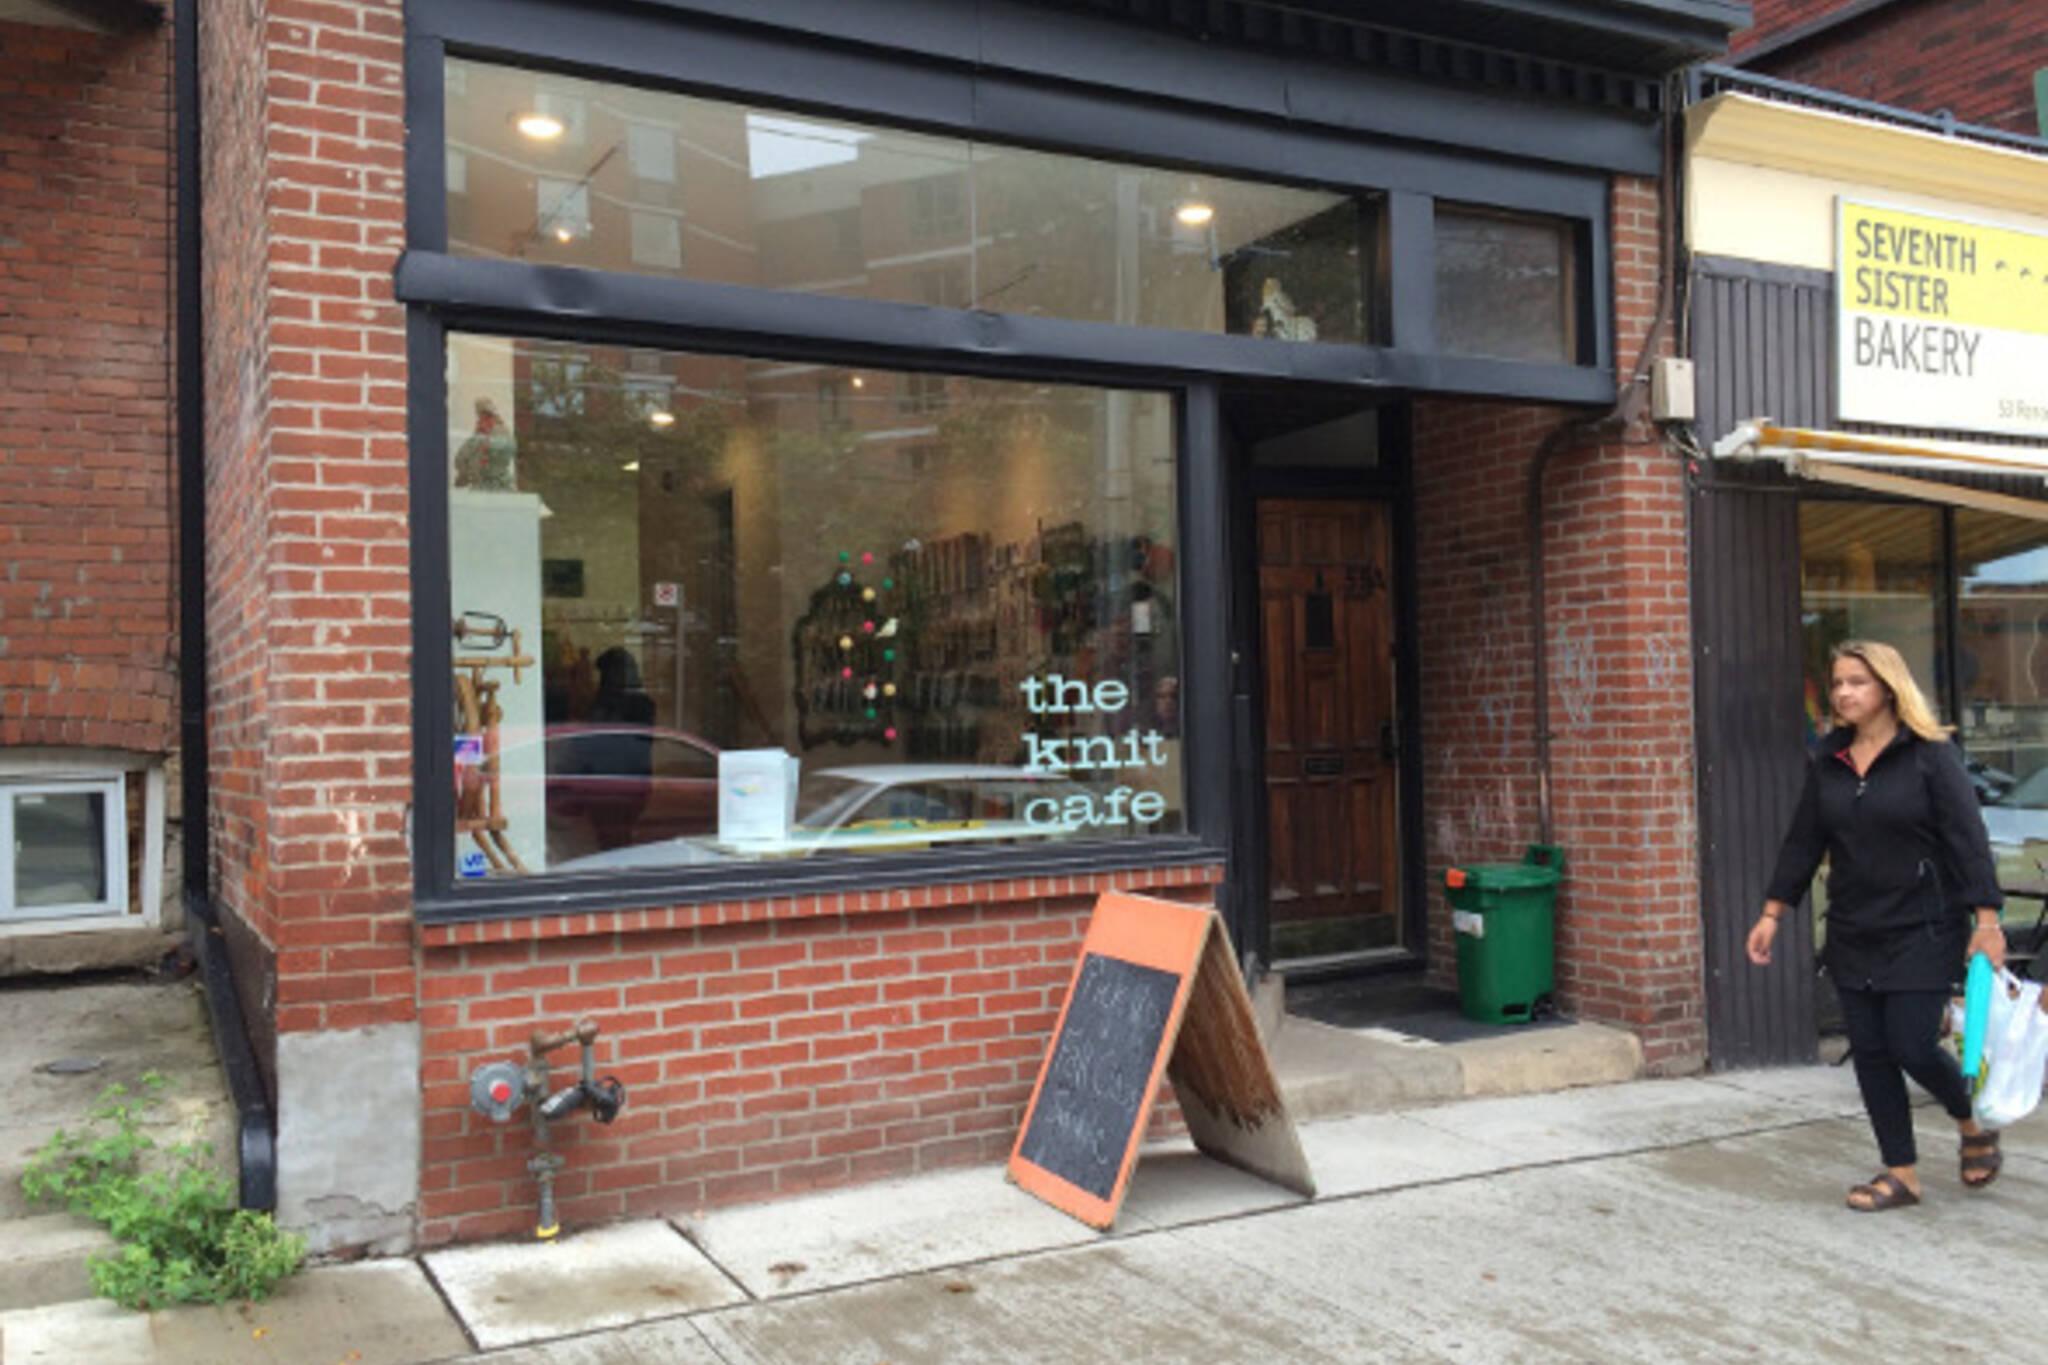 the knit cafe